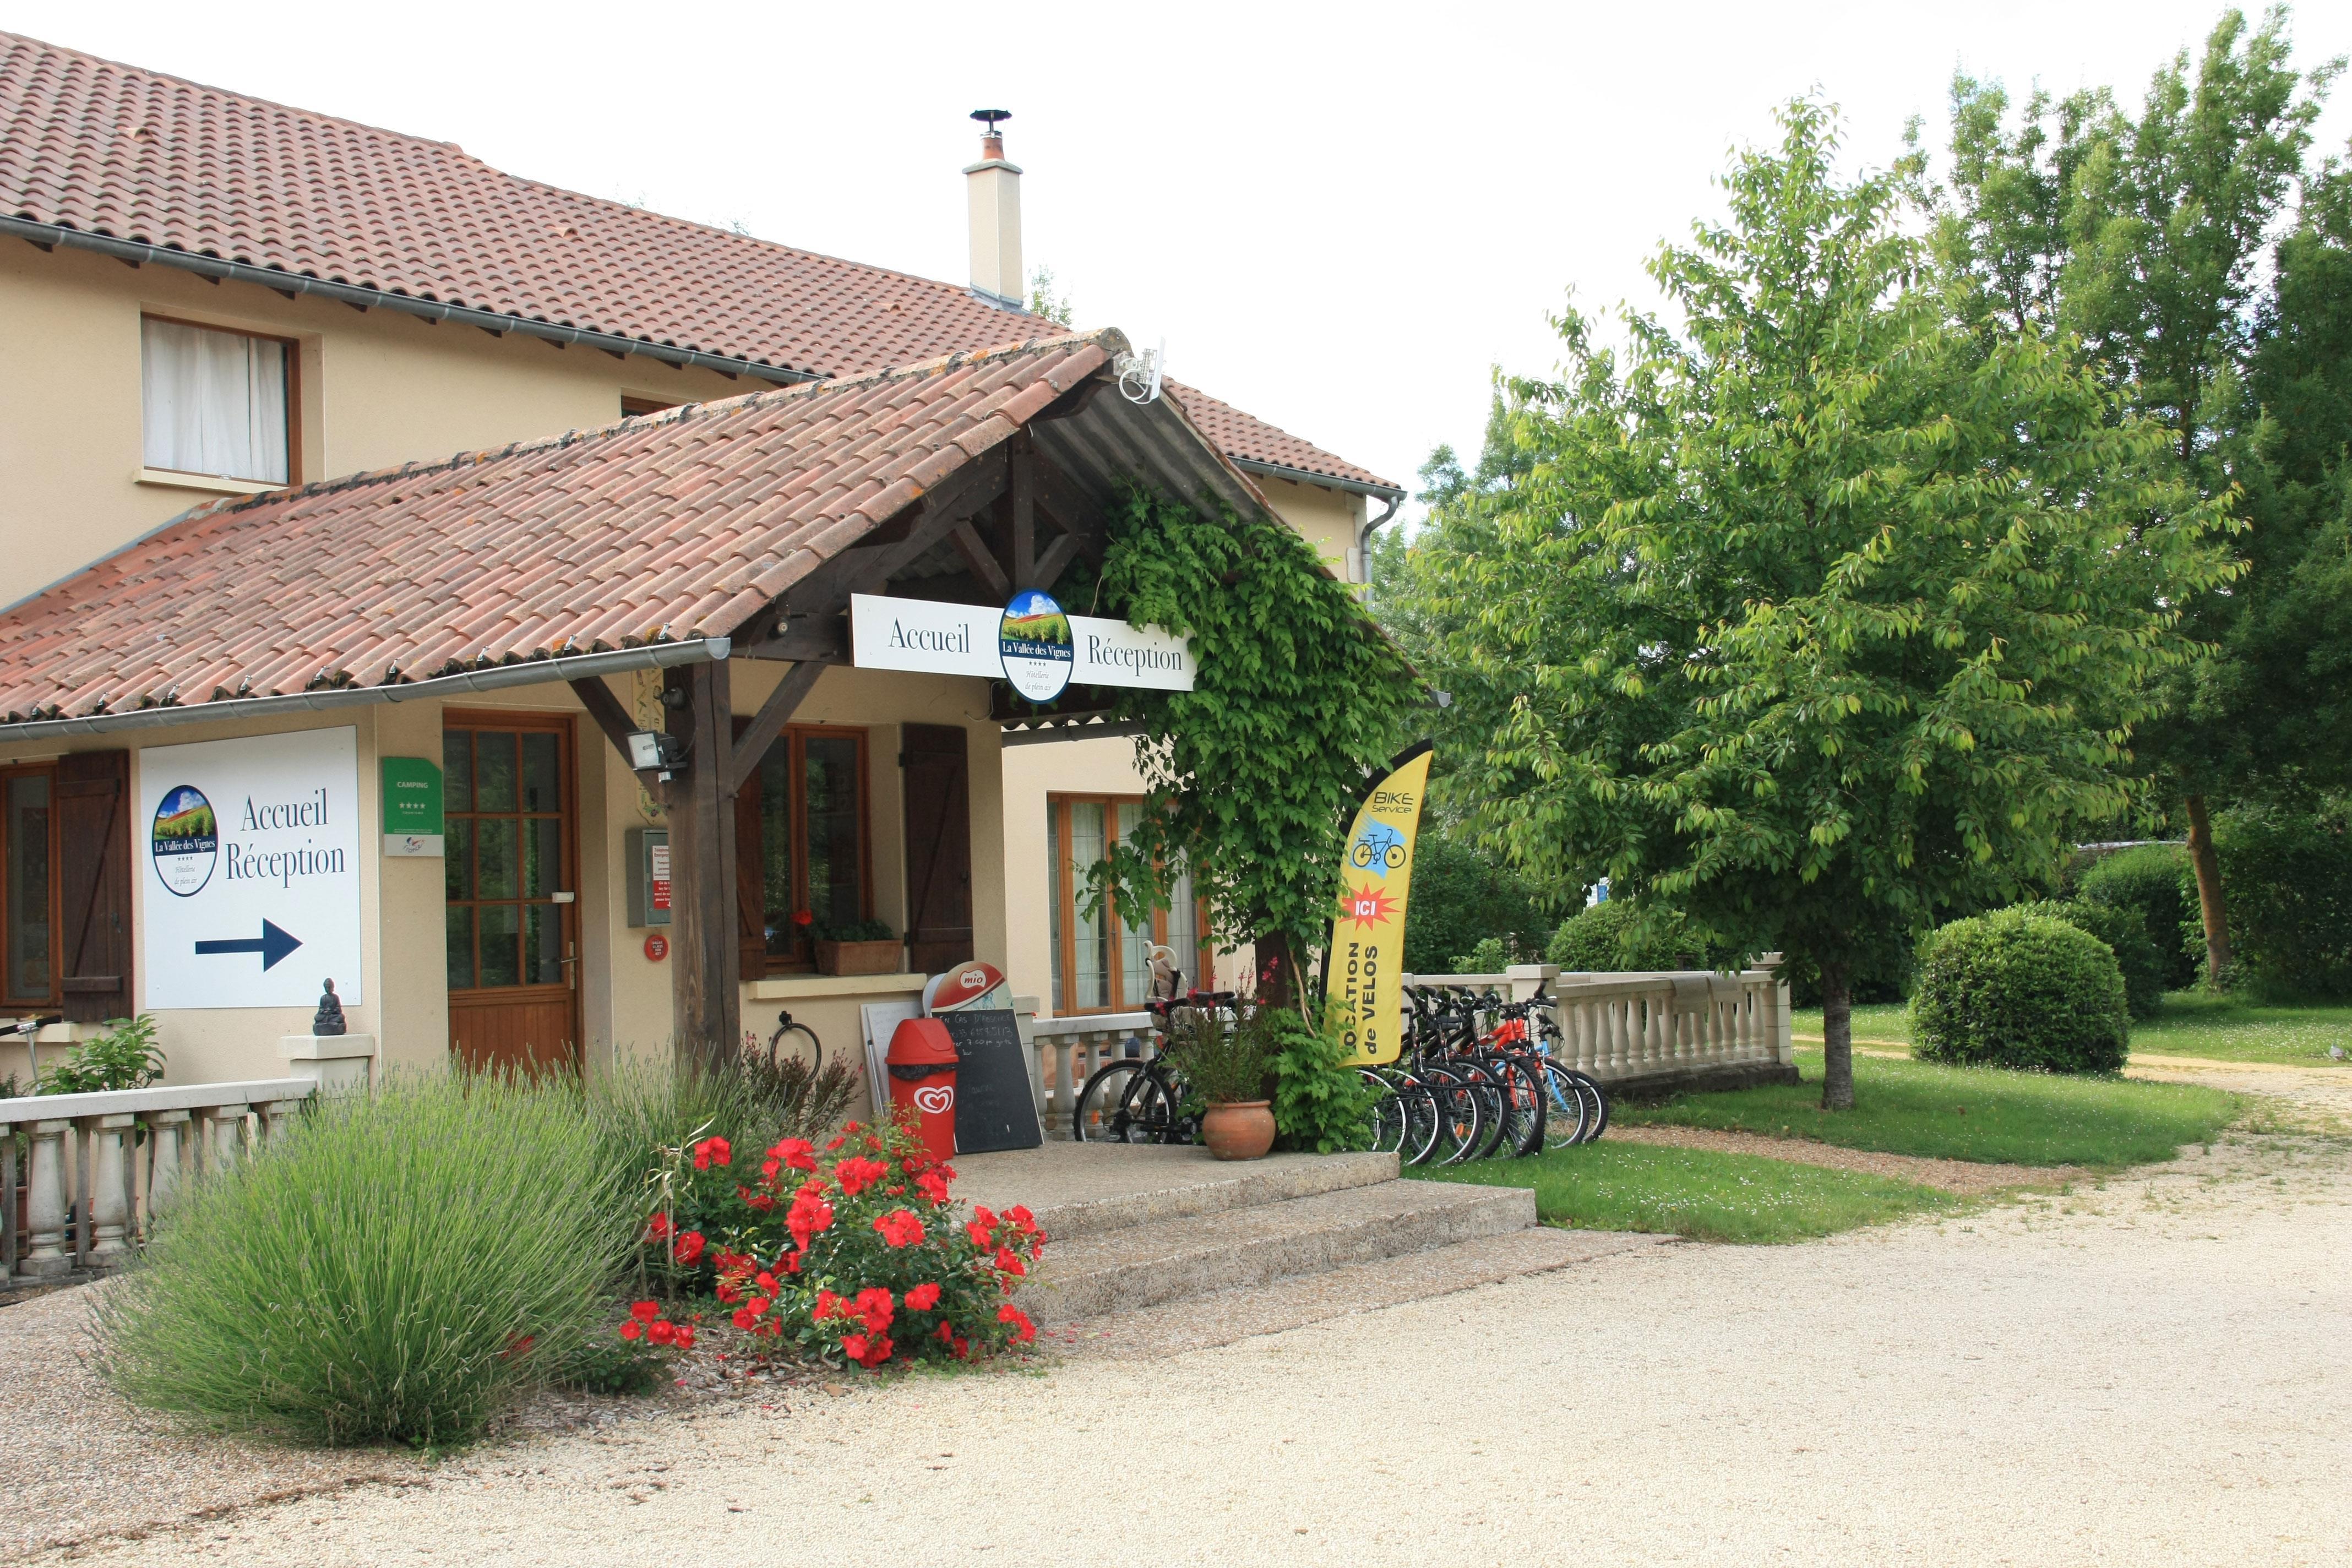 Camping la Vallee des Vignes, Concourson-sur-Layon, Maine-et-Loire